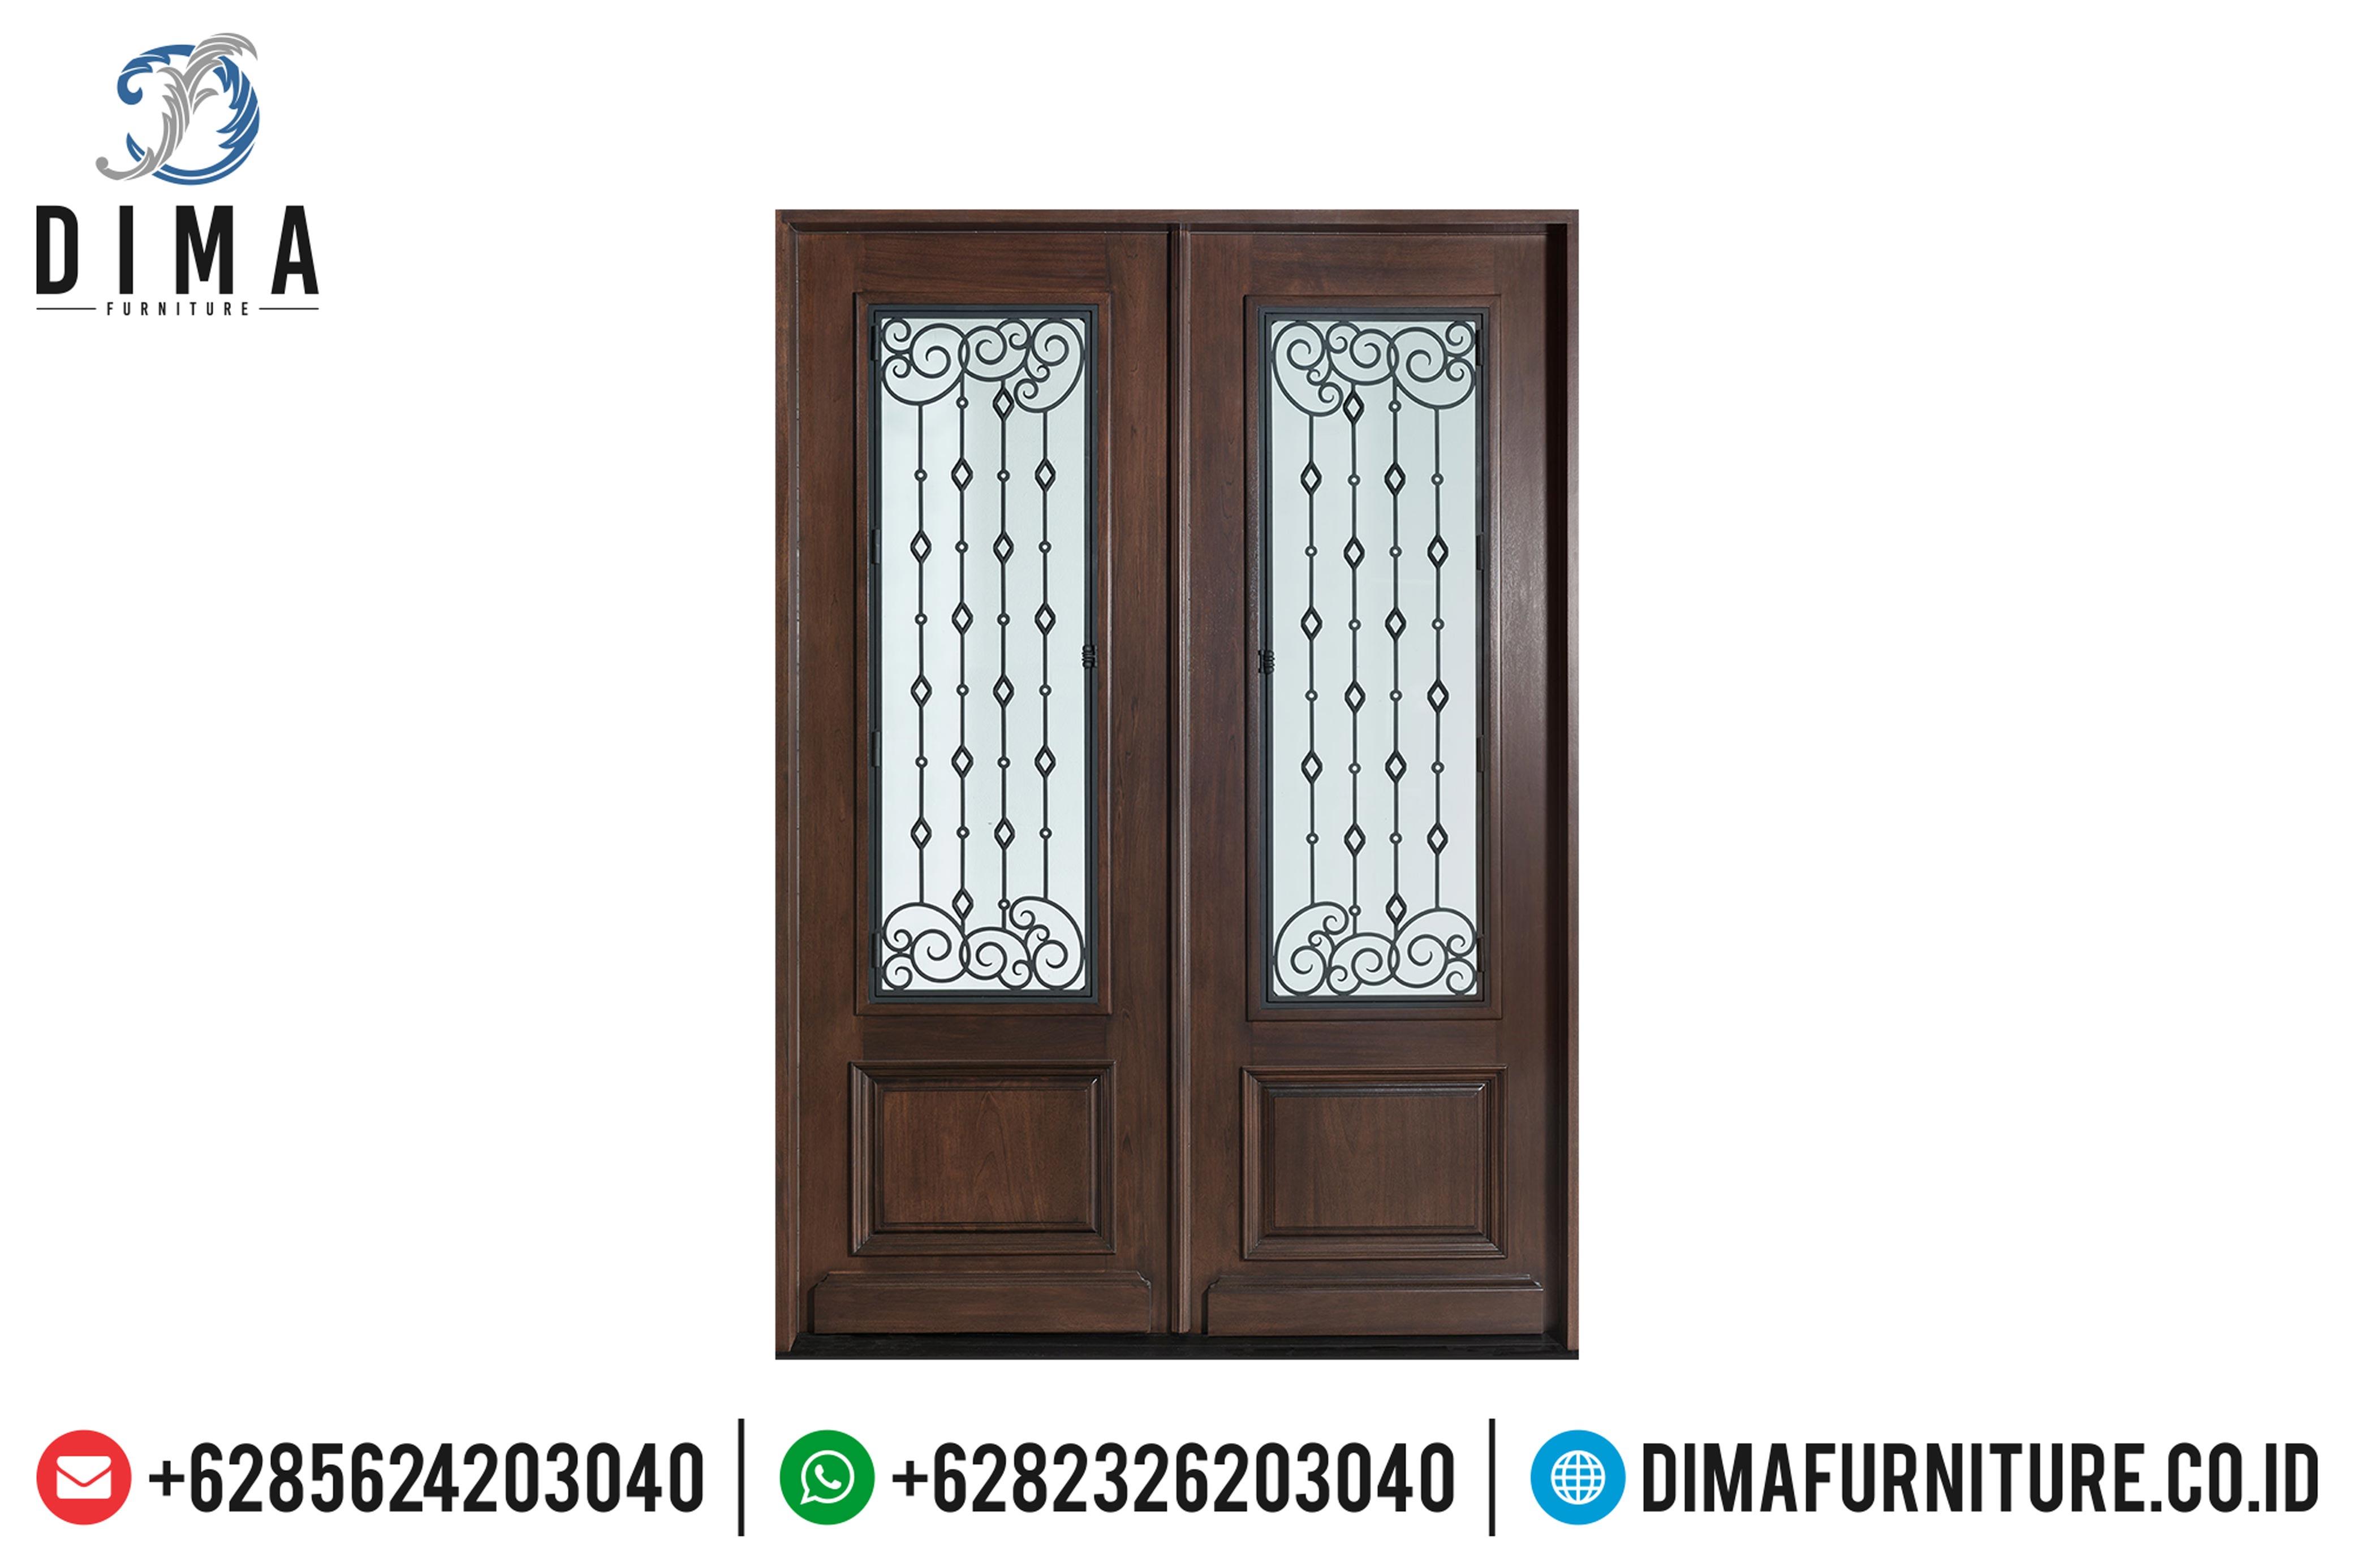 Pintu Rumah Jati Jepara, Pintu Rumah Minimalis, Kusen Jati Jepara DF-0889